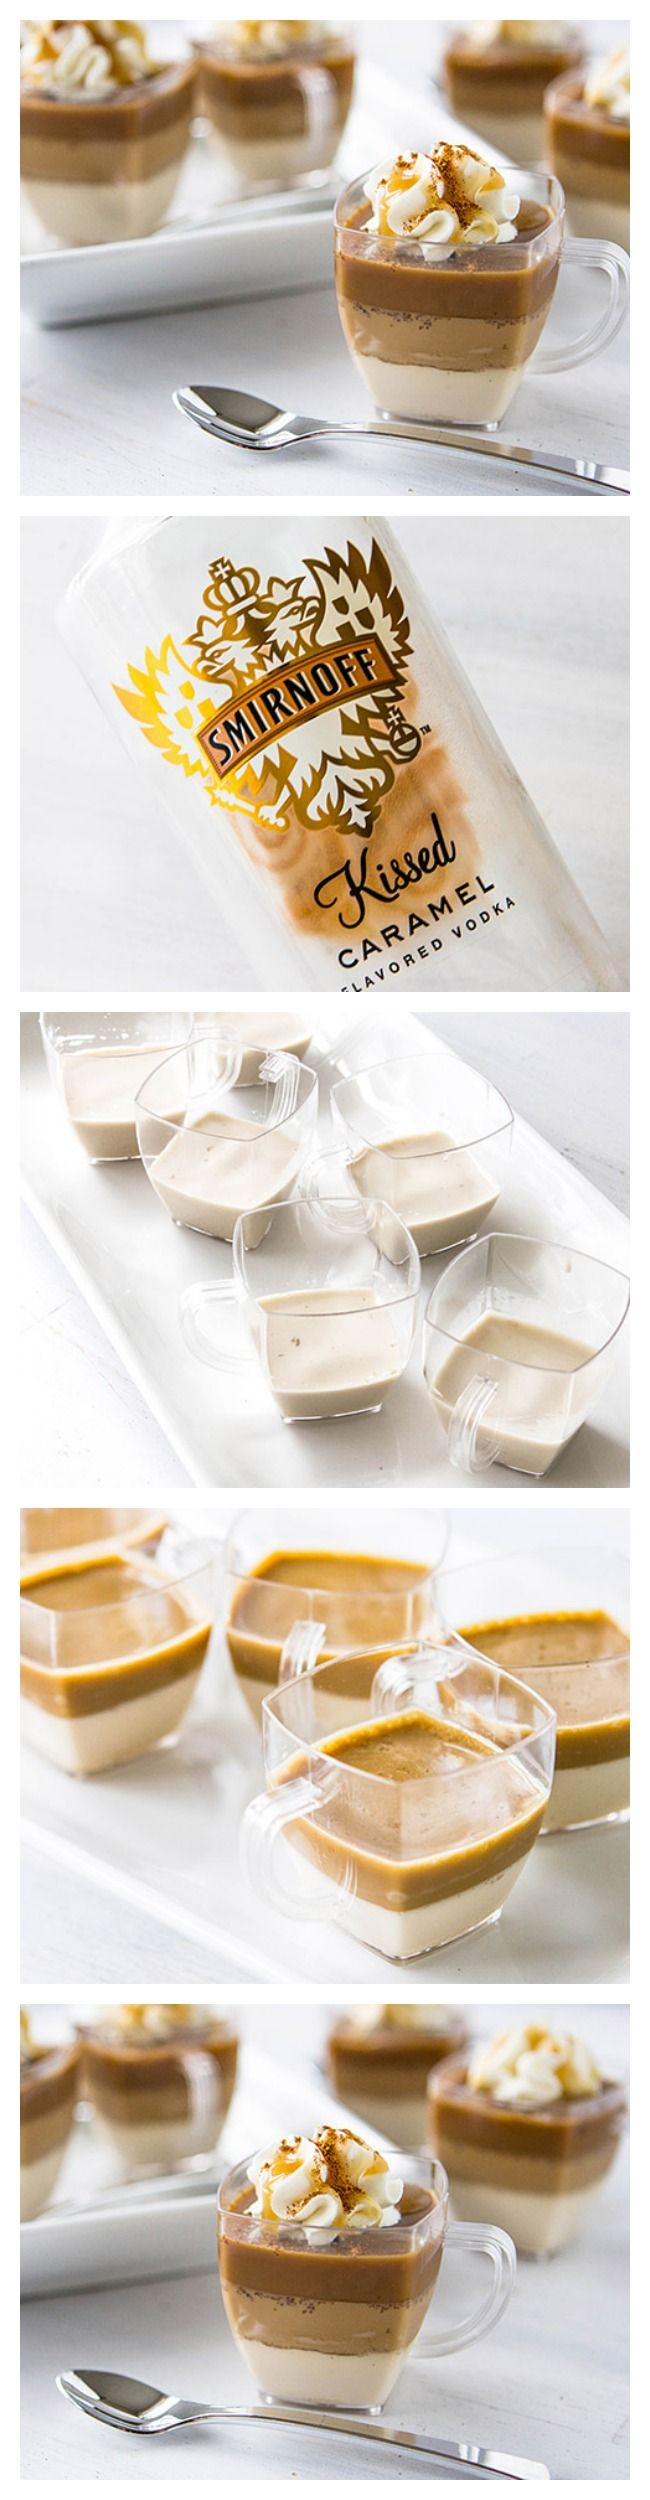 Caramel Macchiato Jelly Shots